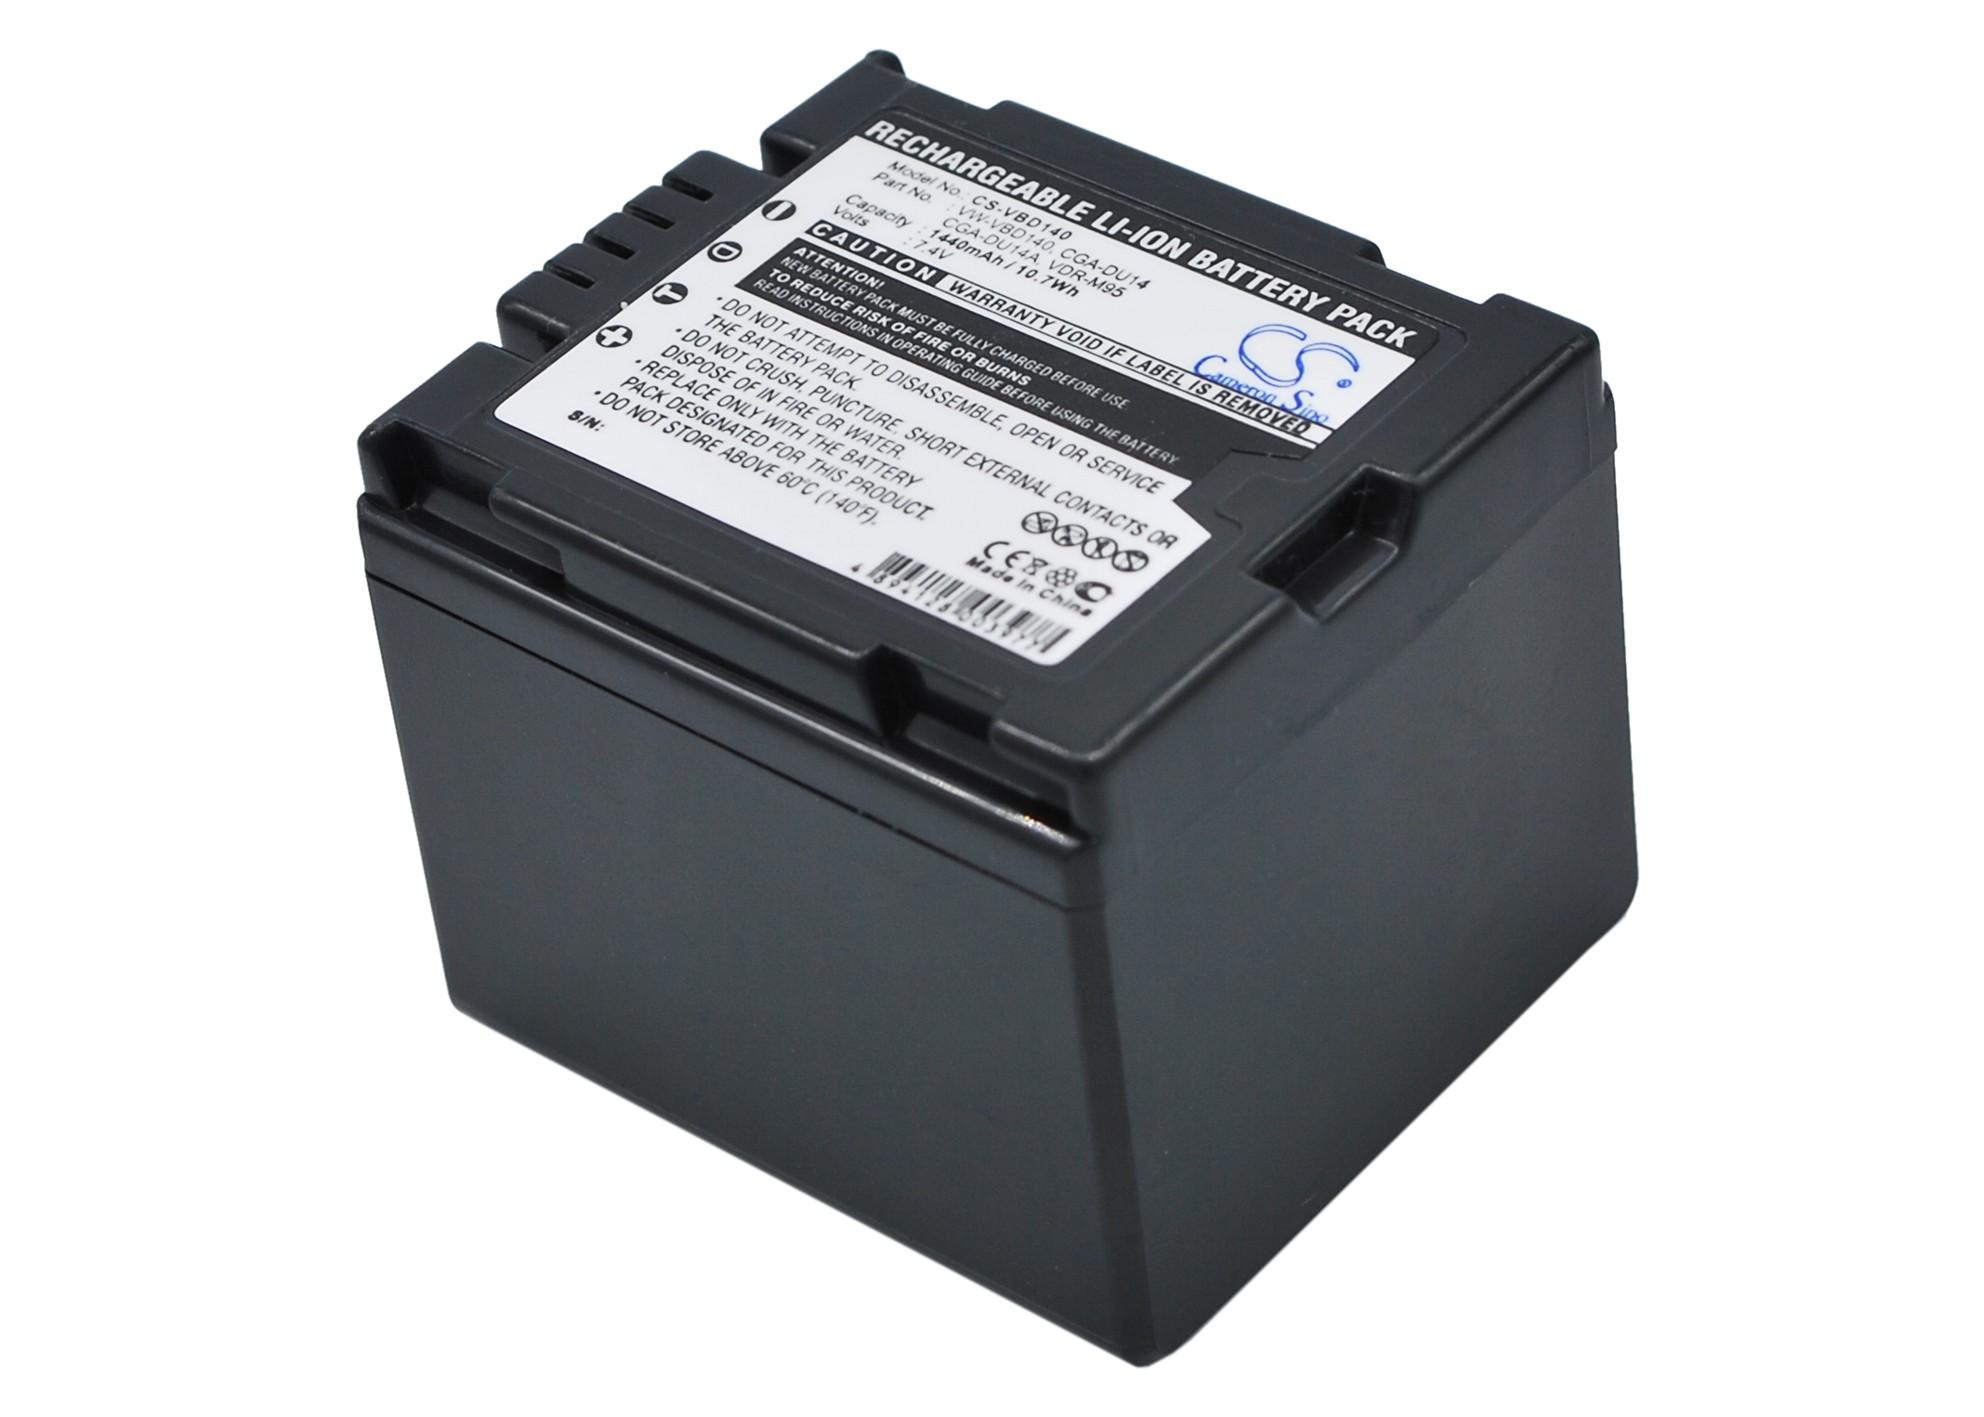 Cameron Sino baterie do kamer a fotoaparátů pro PANASONIC VDR-D250EB-S 7.4V Li-ion 1440mAh tmavě šedá - neoriginální